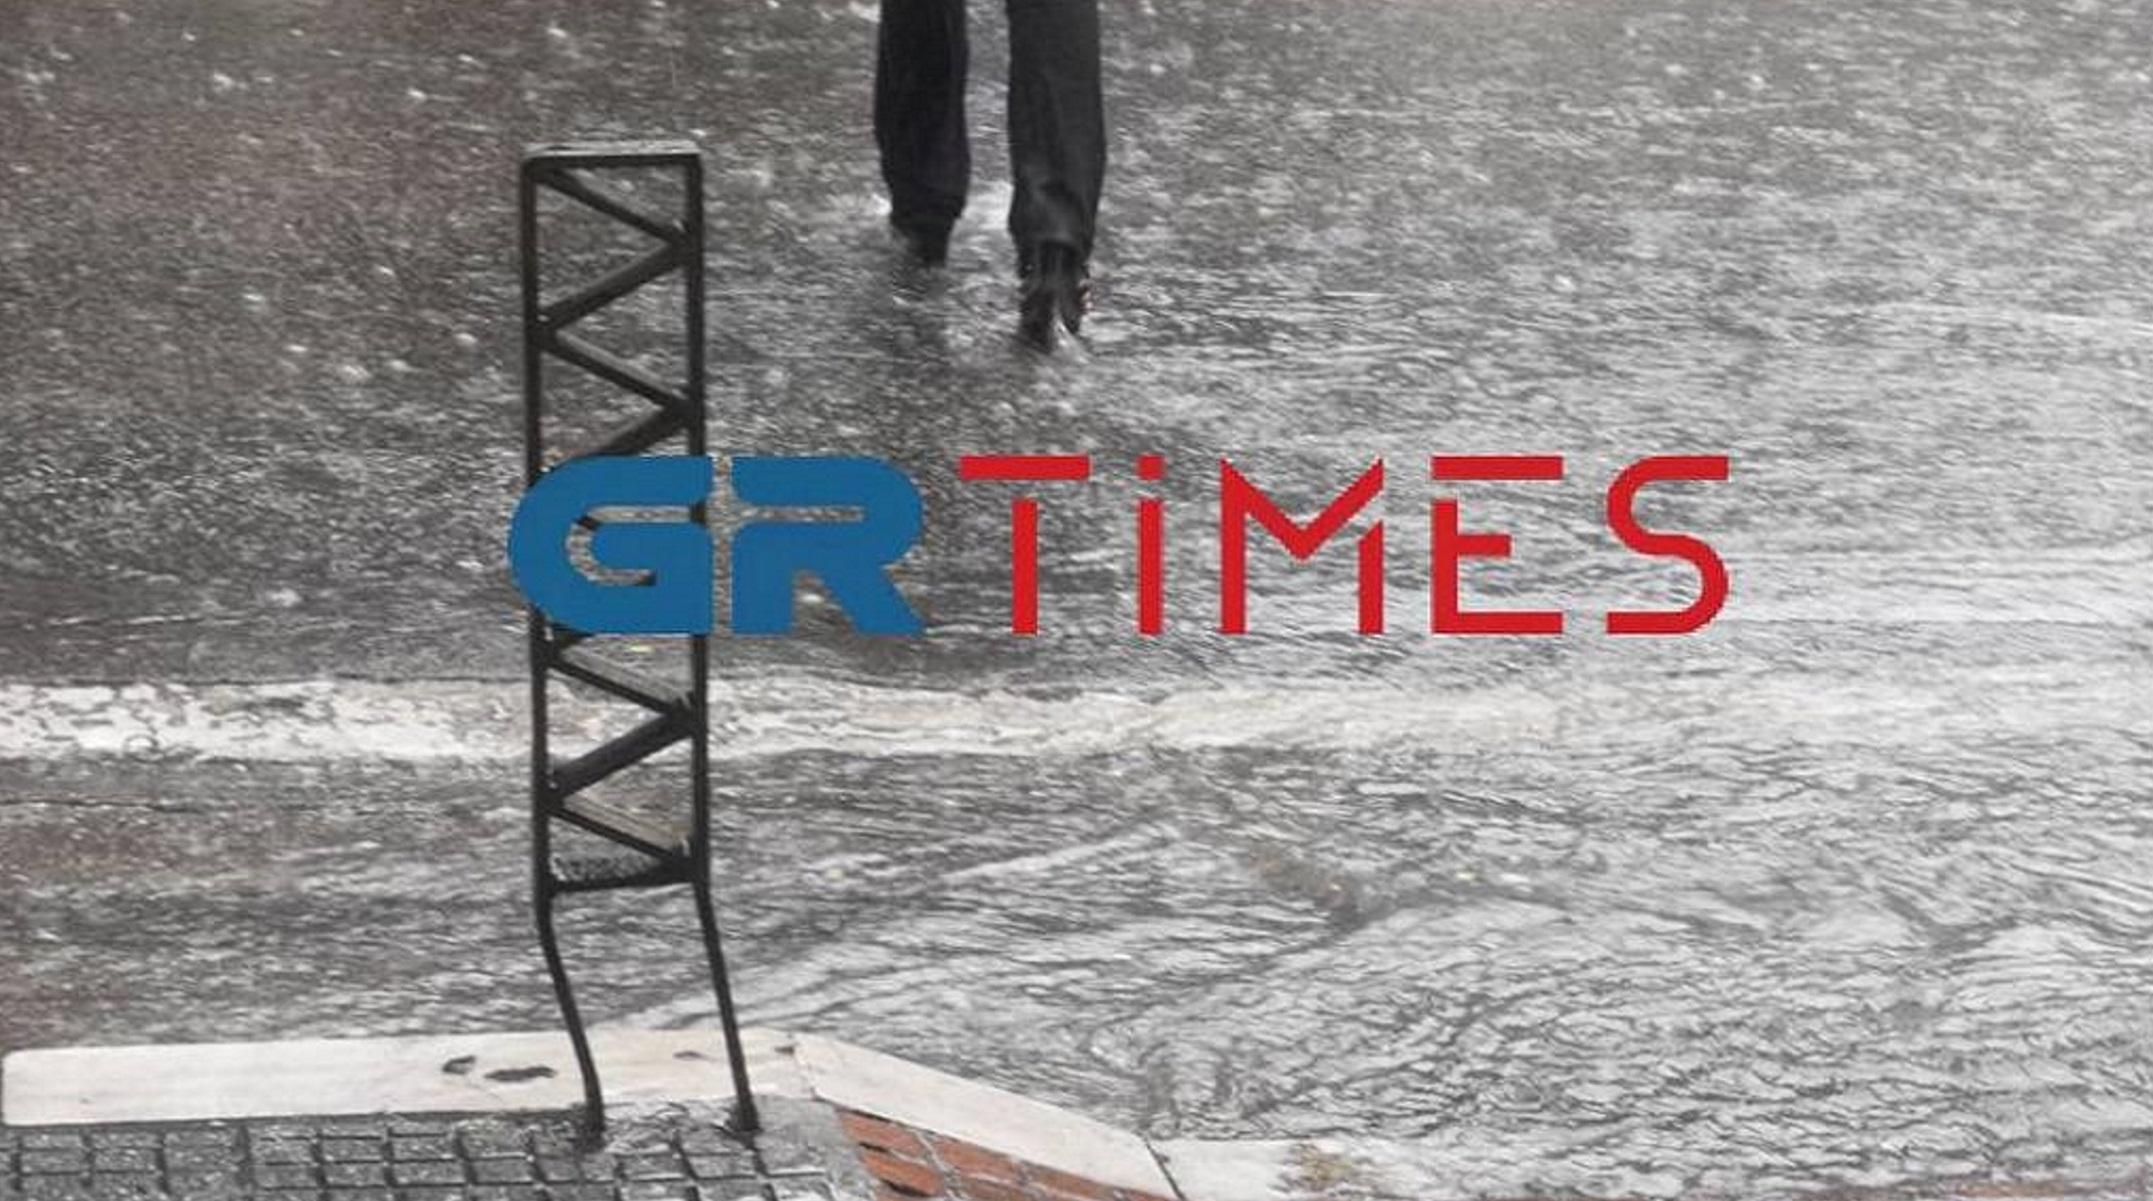 Καιρός – Θεσσαλονίκη: Άνοιξαν οι ουρανοί και πέφτουν αστραπές και χαλάζι (video)